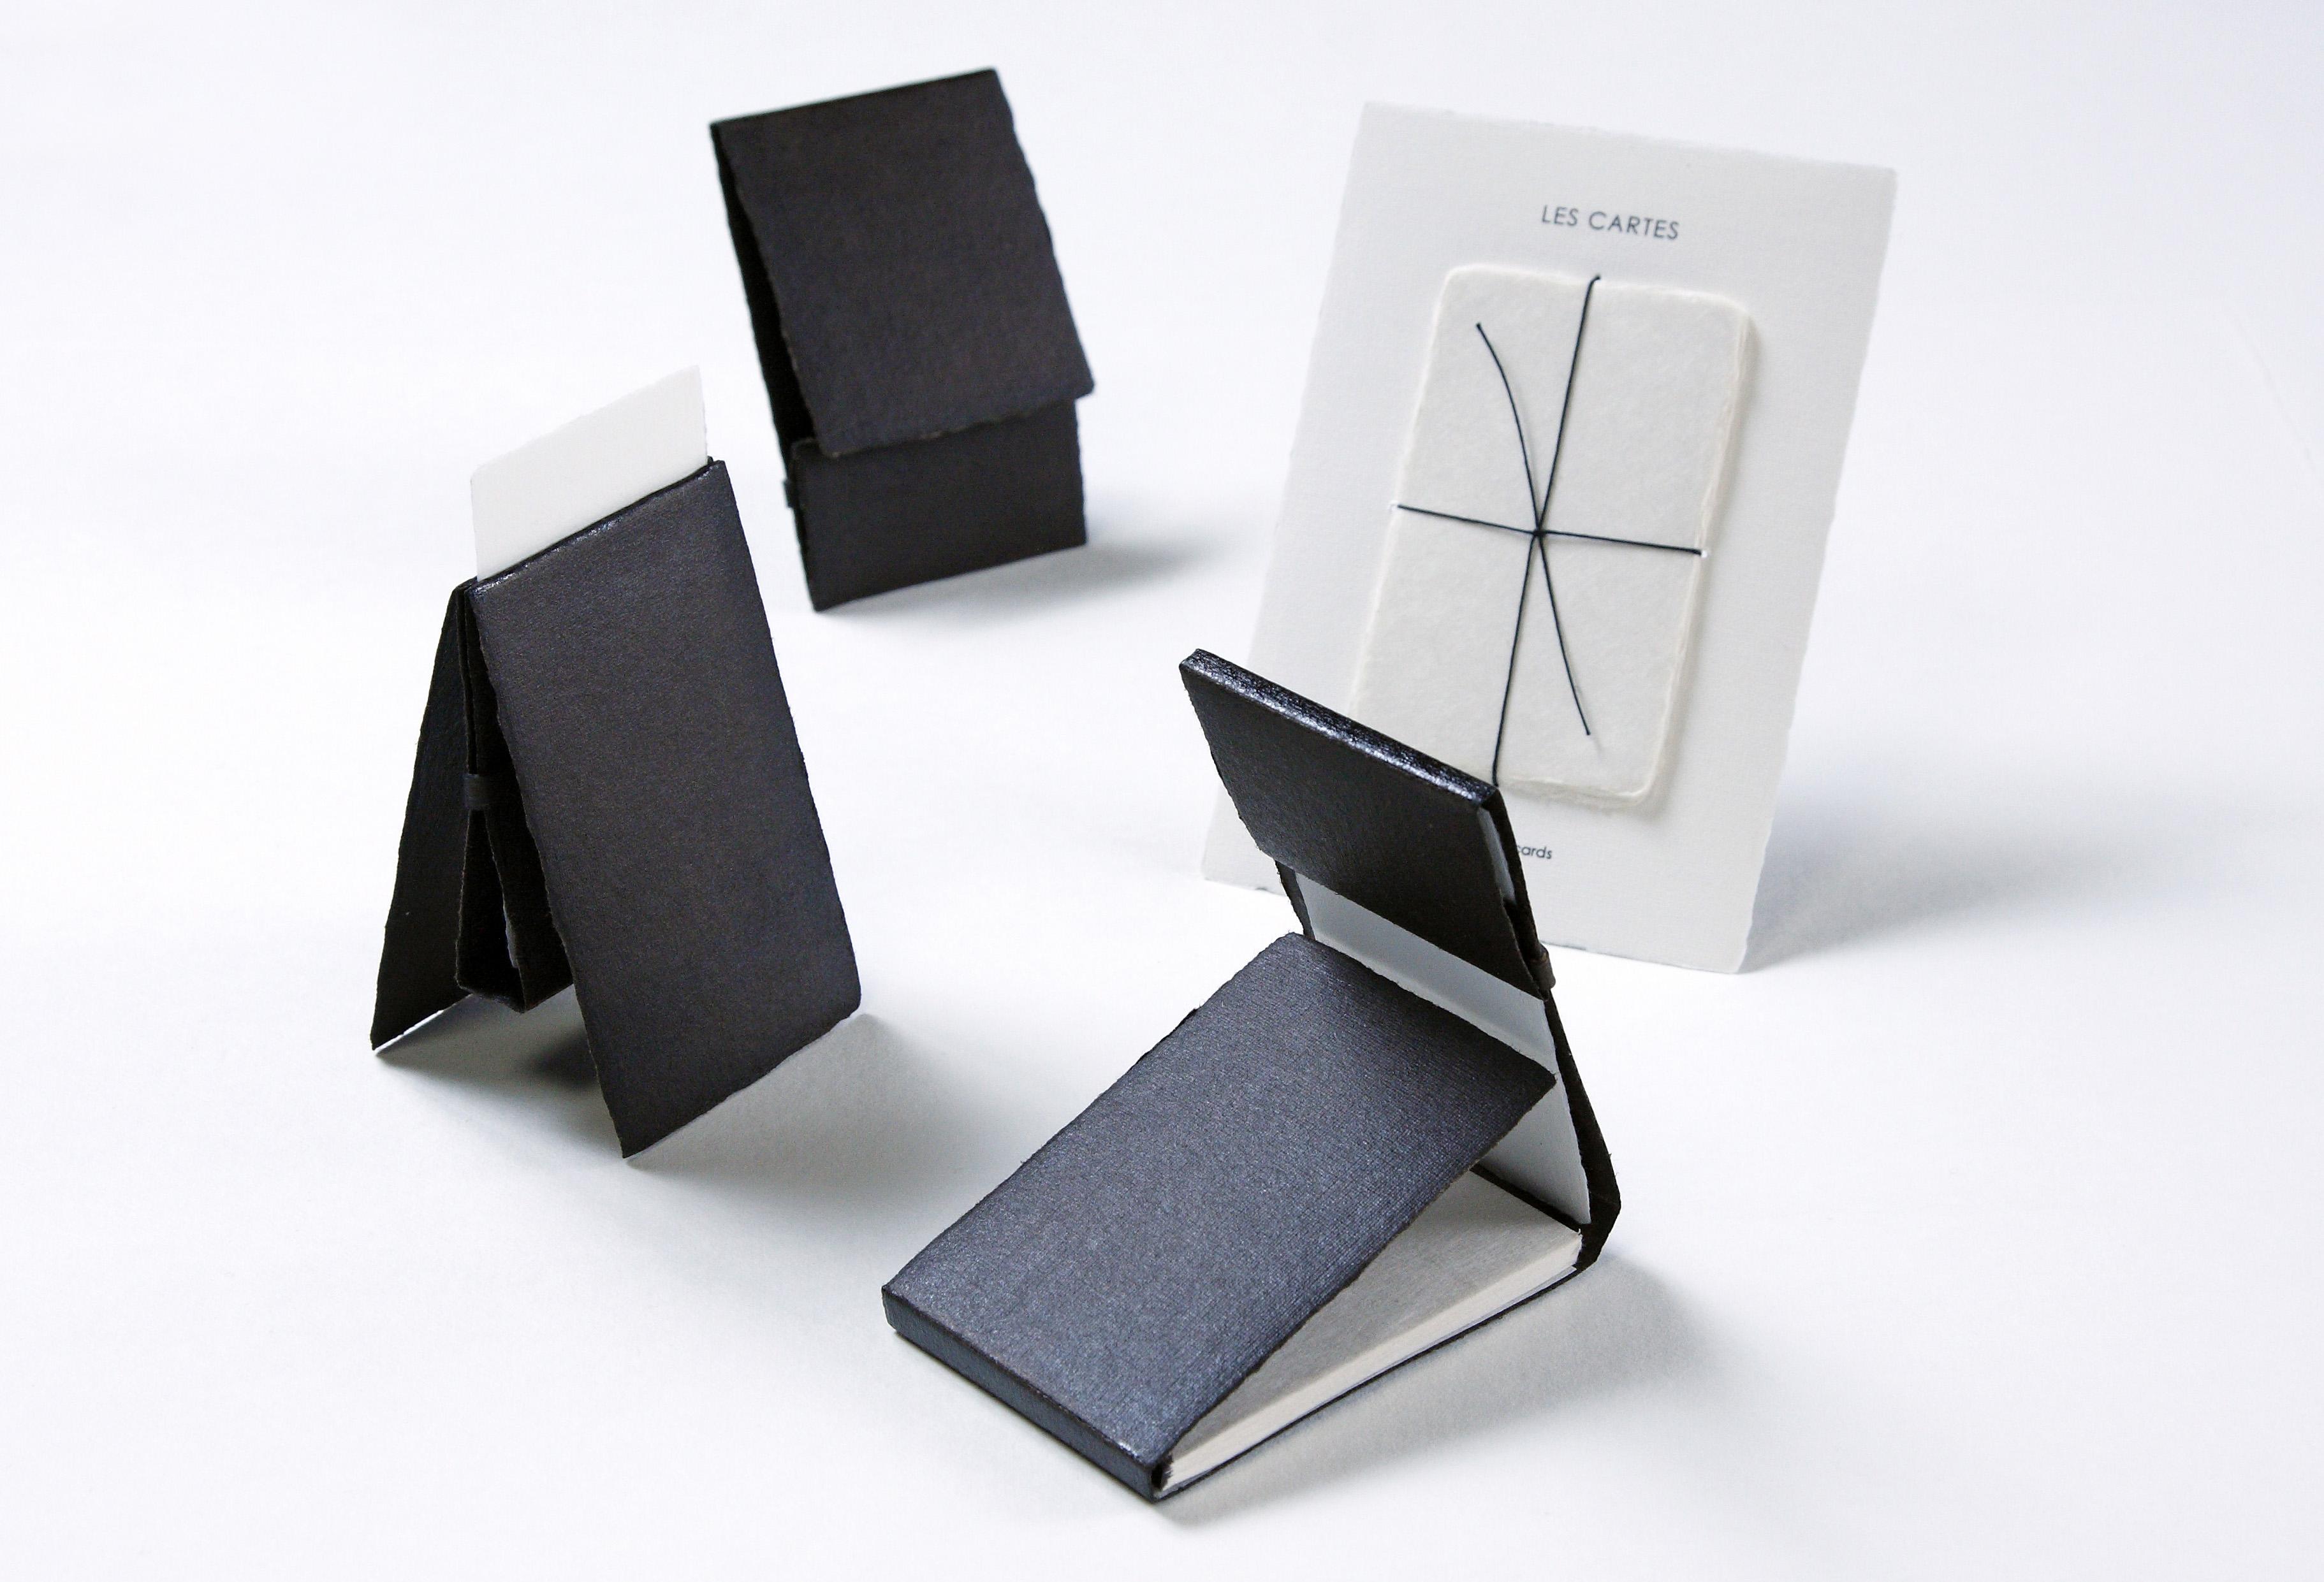 ドイツ人デザイナーヨルグ・ゲスナー氏との協働作品 「JOYOシリーズ」